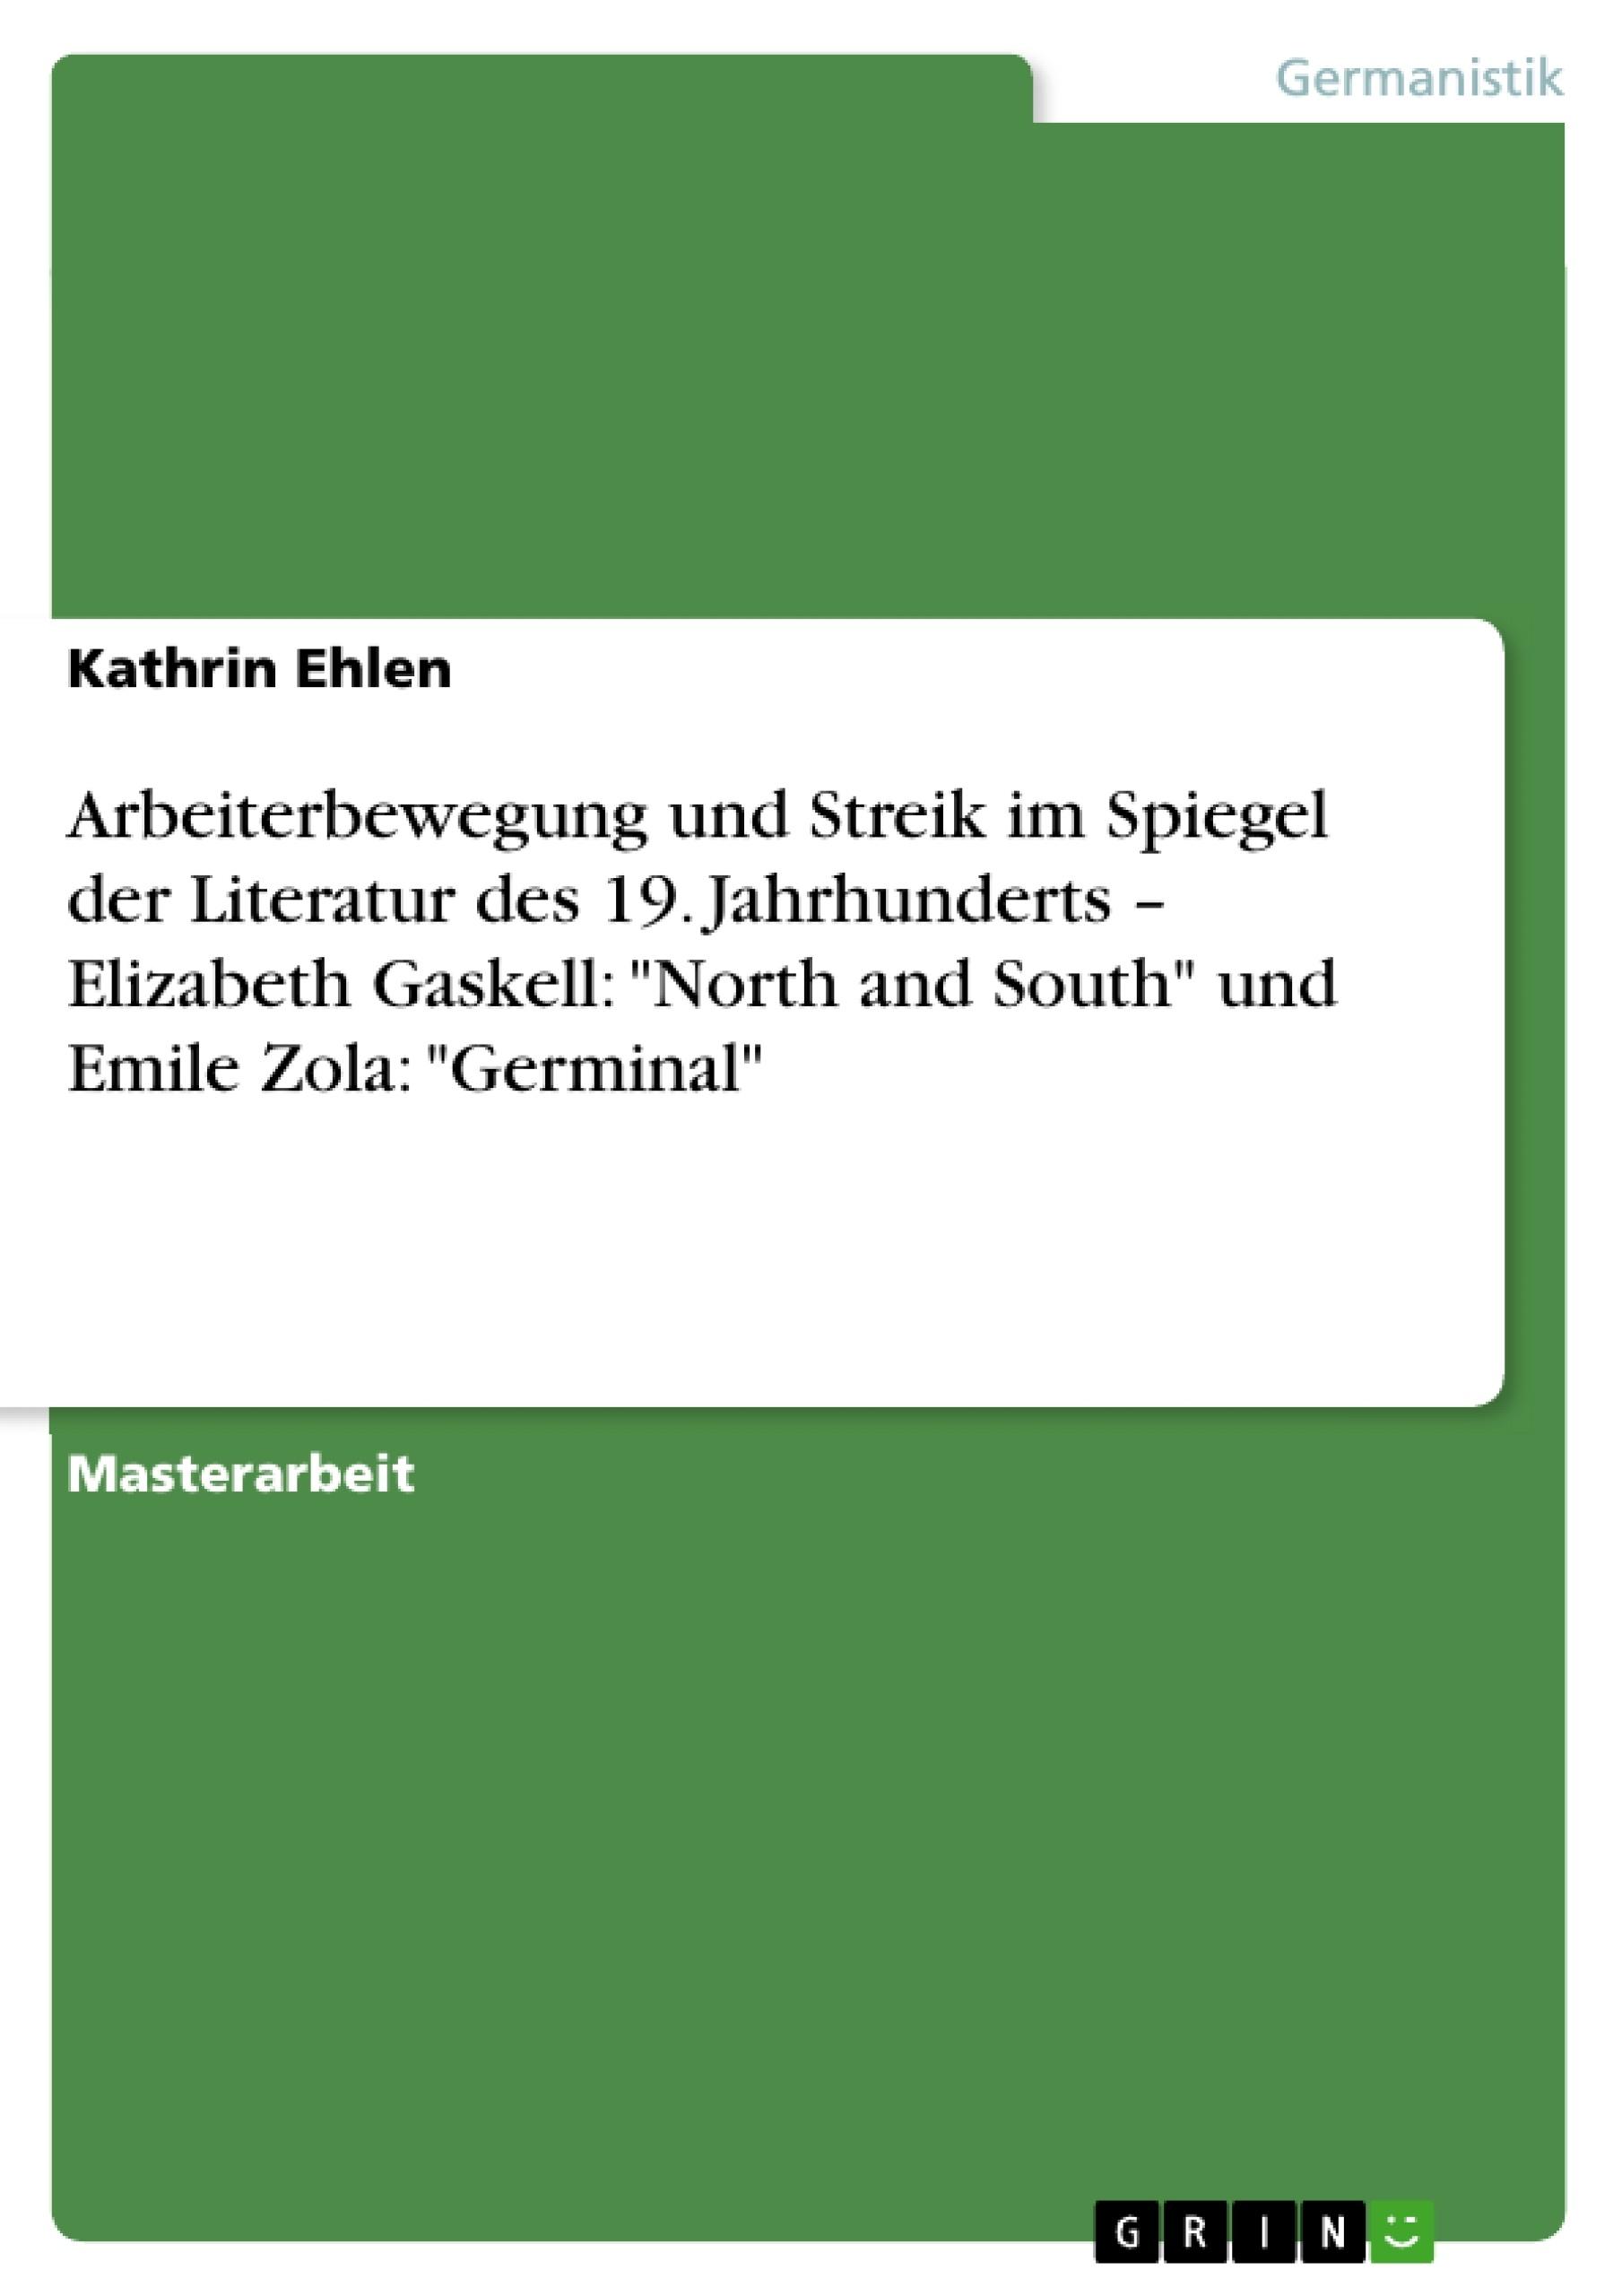 """Titel: Arbeiterbewegung und Streik  im Spiegel der Literatur des 19. Jahrhunderts – Elizabeth Gaskell: """"North and South"""" und Emile Zola: """"Germinal"""""""